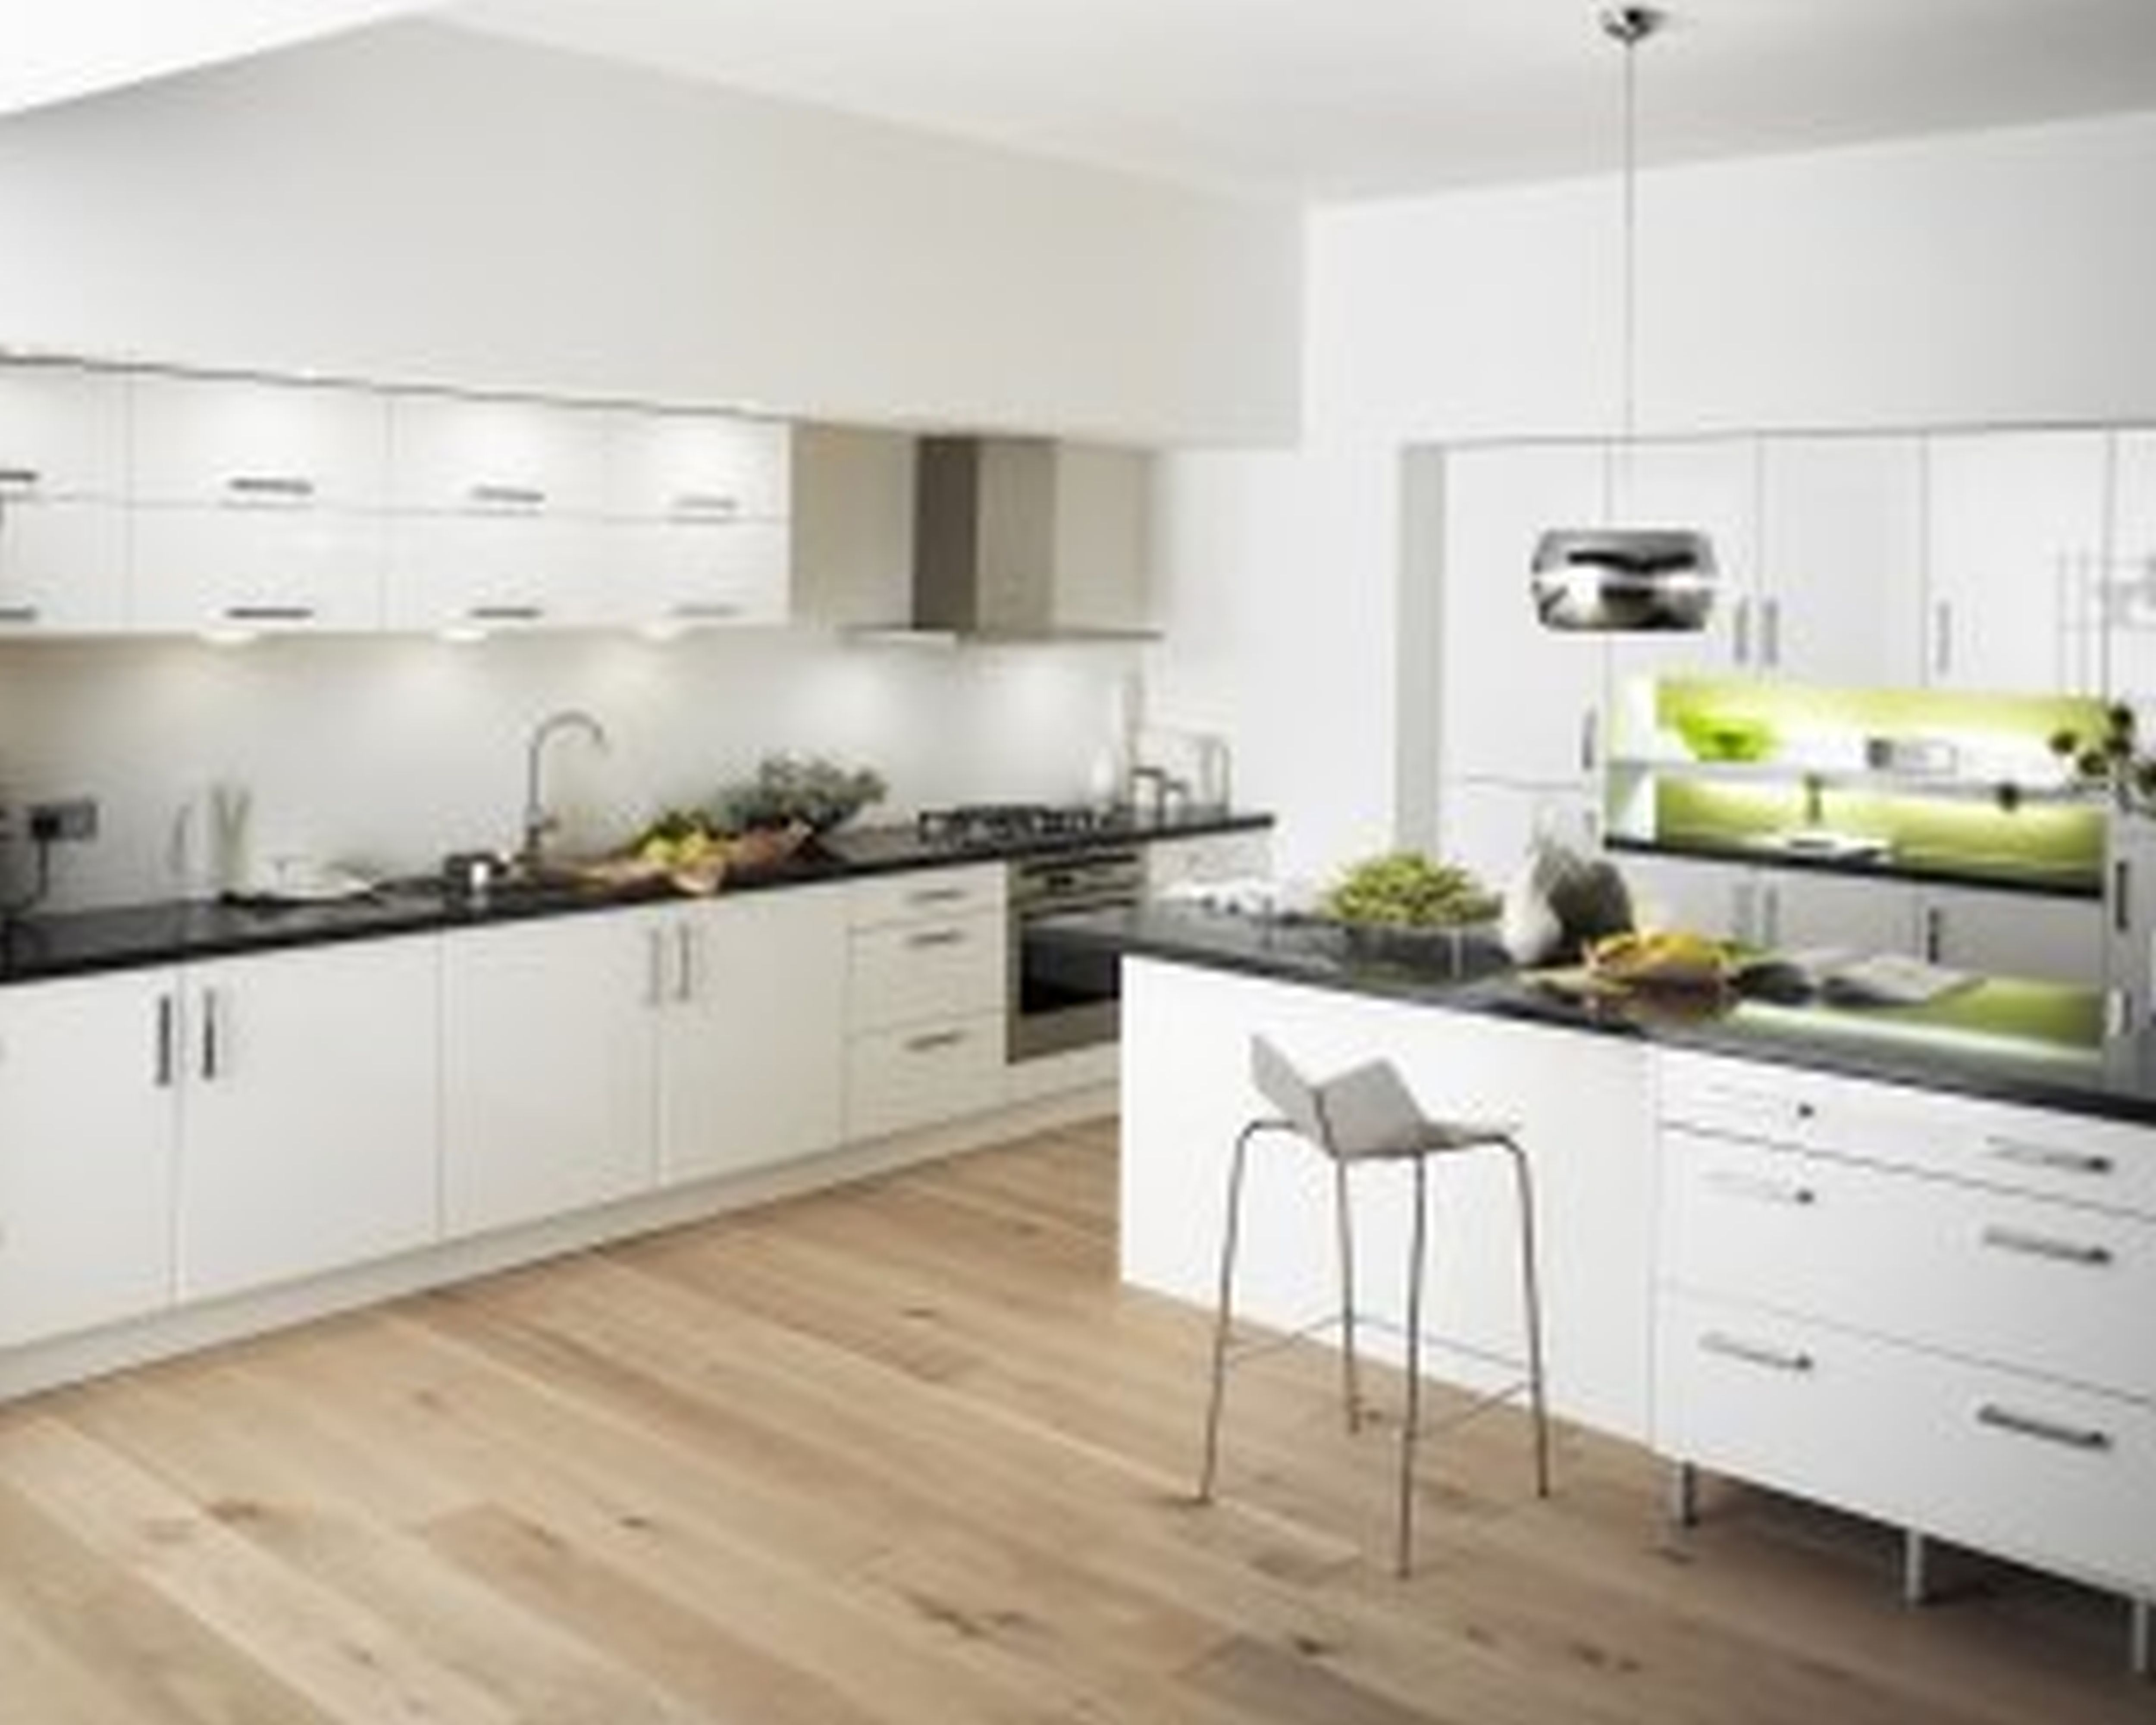 mid century modern white kitchen google search moderne küche küche einrichten küchen planung on kitchen cabinets modern contemporary id=90042